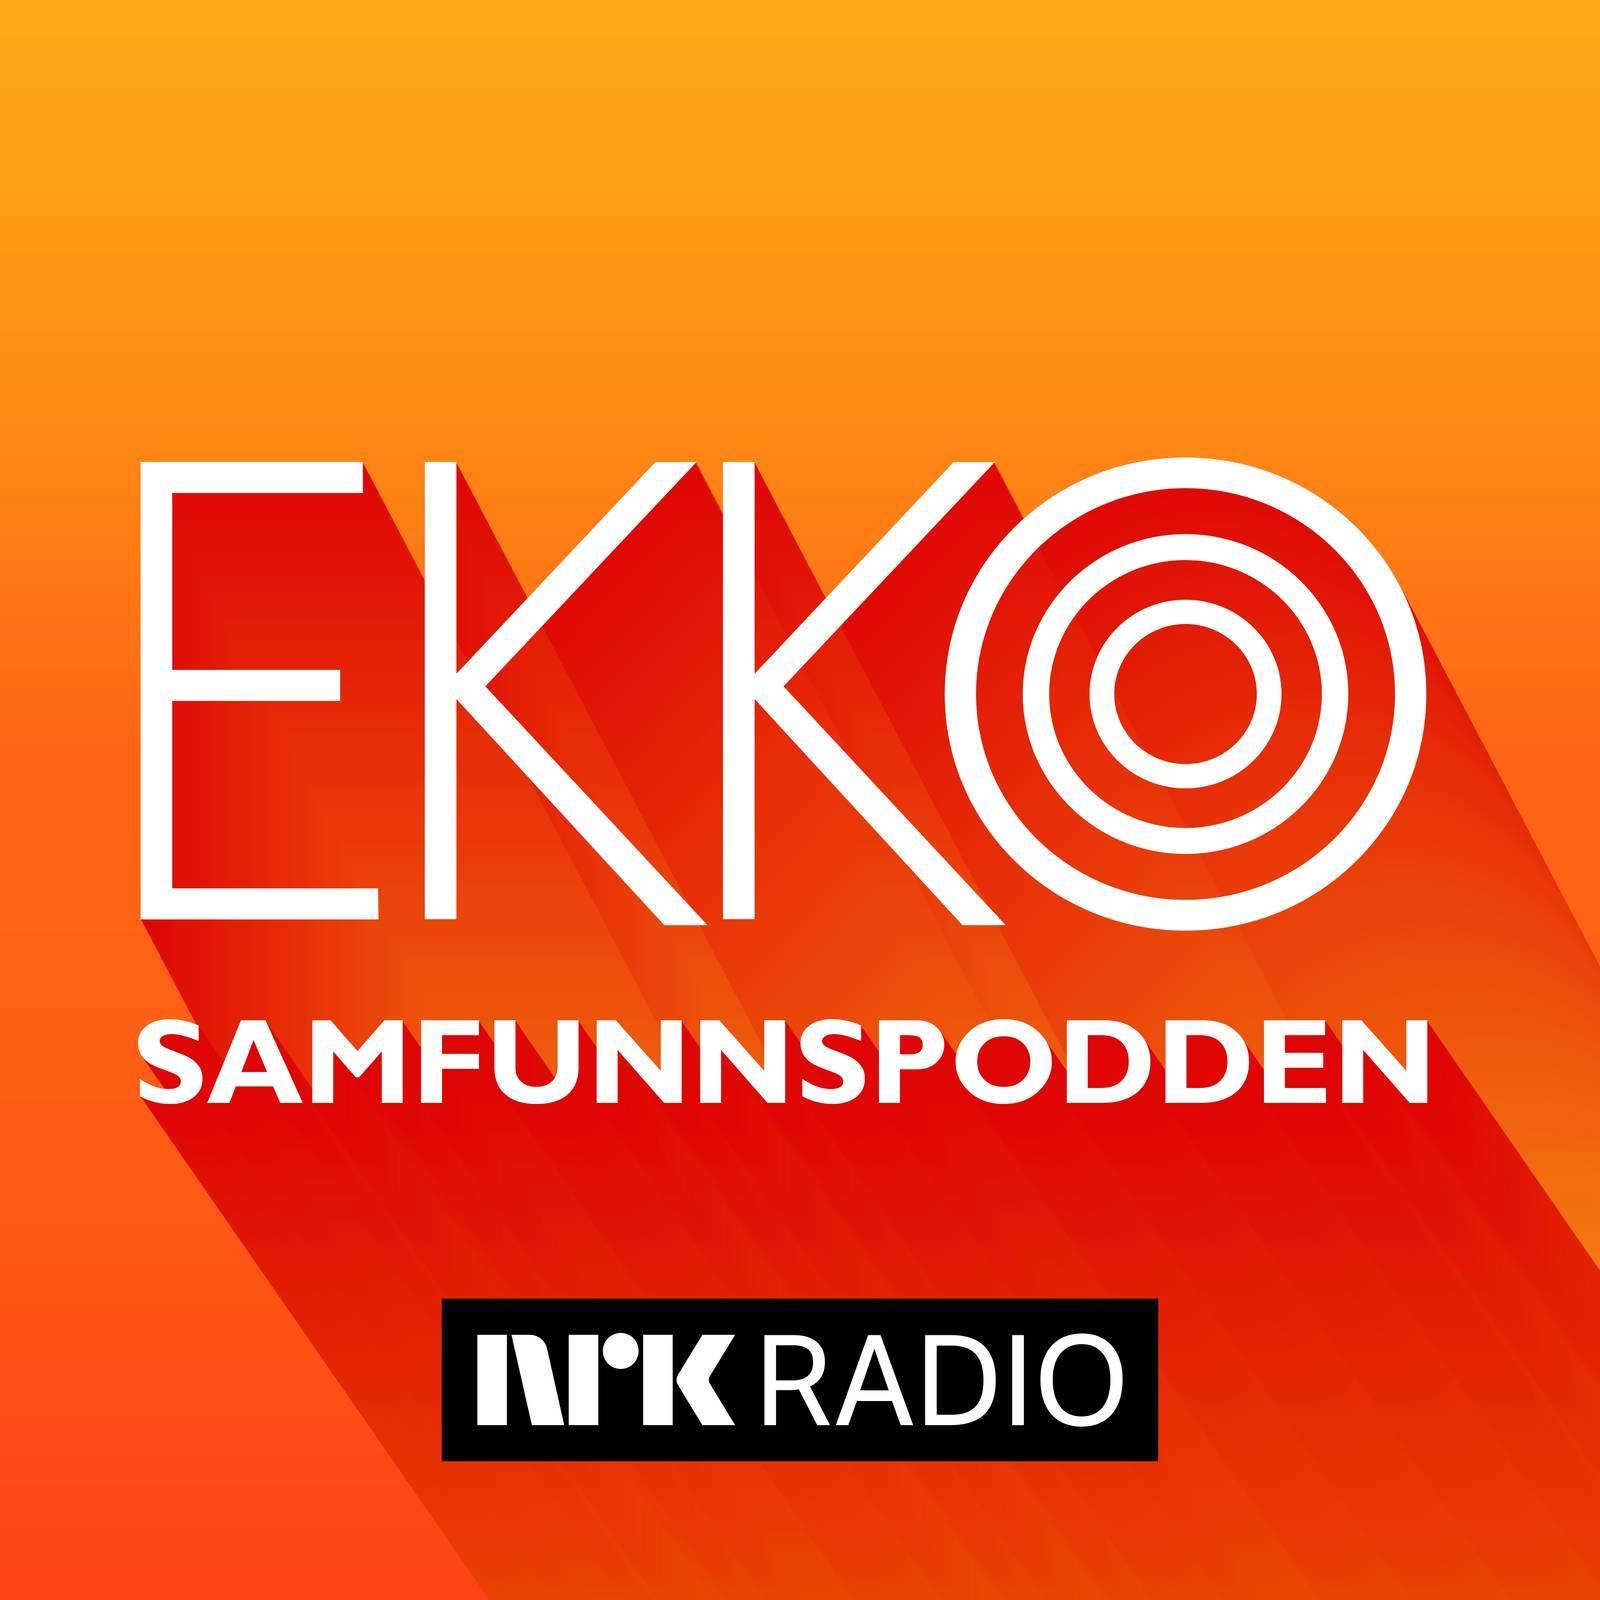 Ekko – samfunnspodden